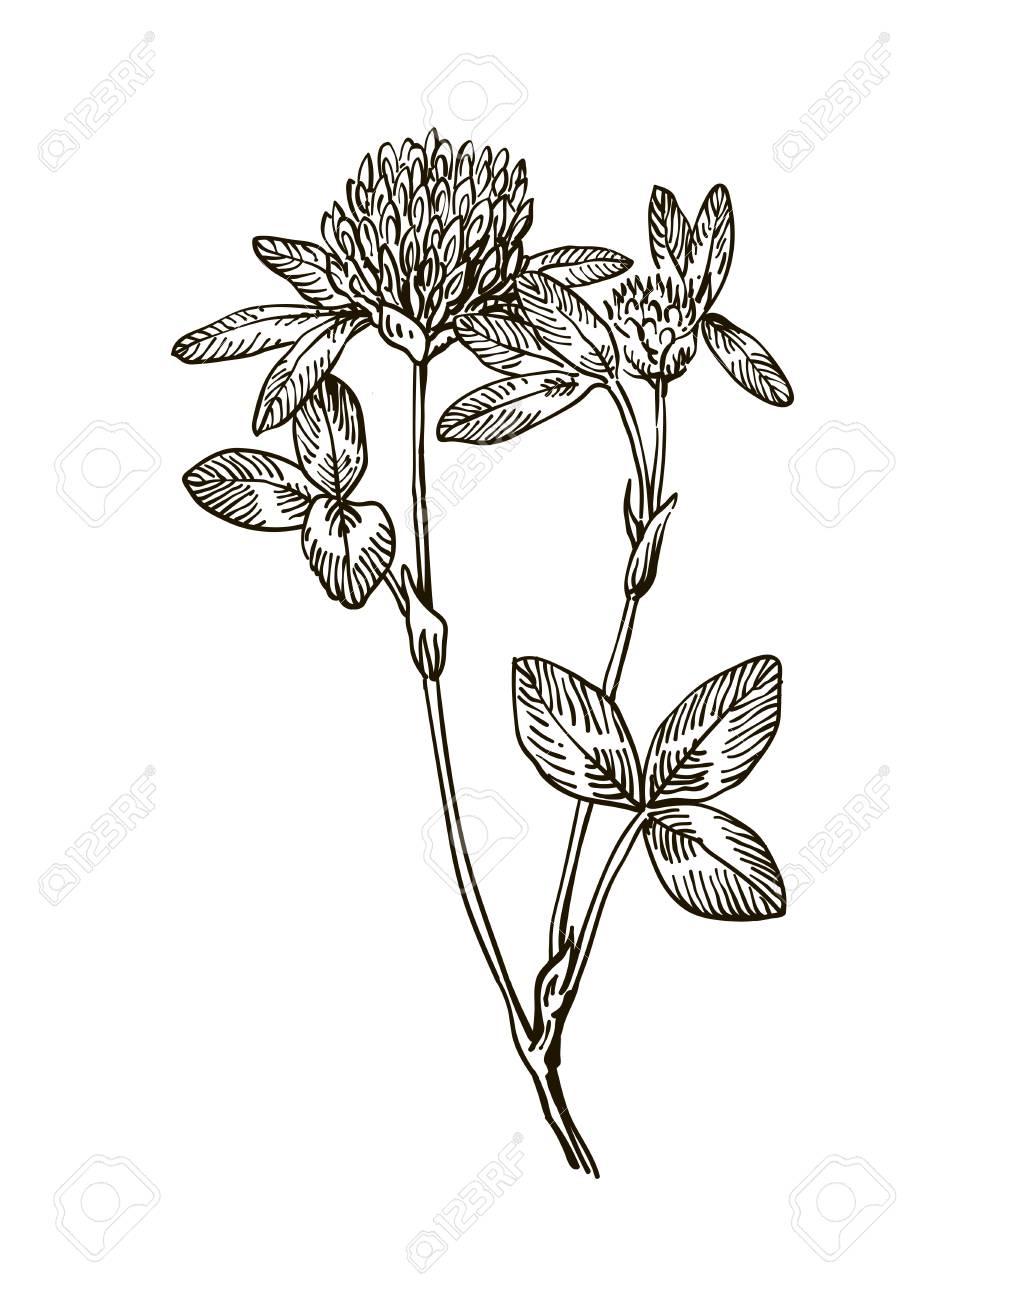 クローバー ハーブ イラストをインクします手描き植物スケッチ